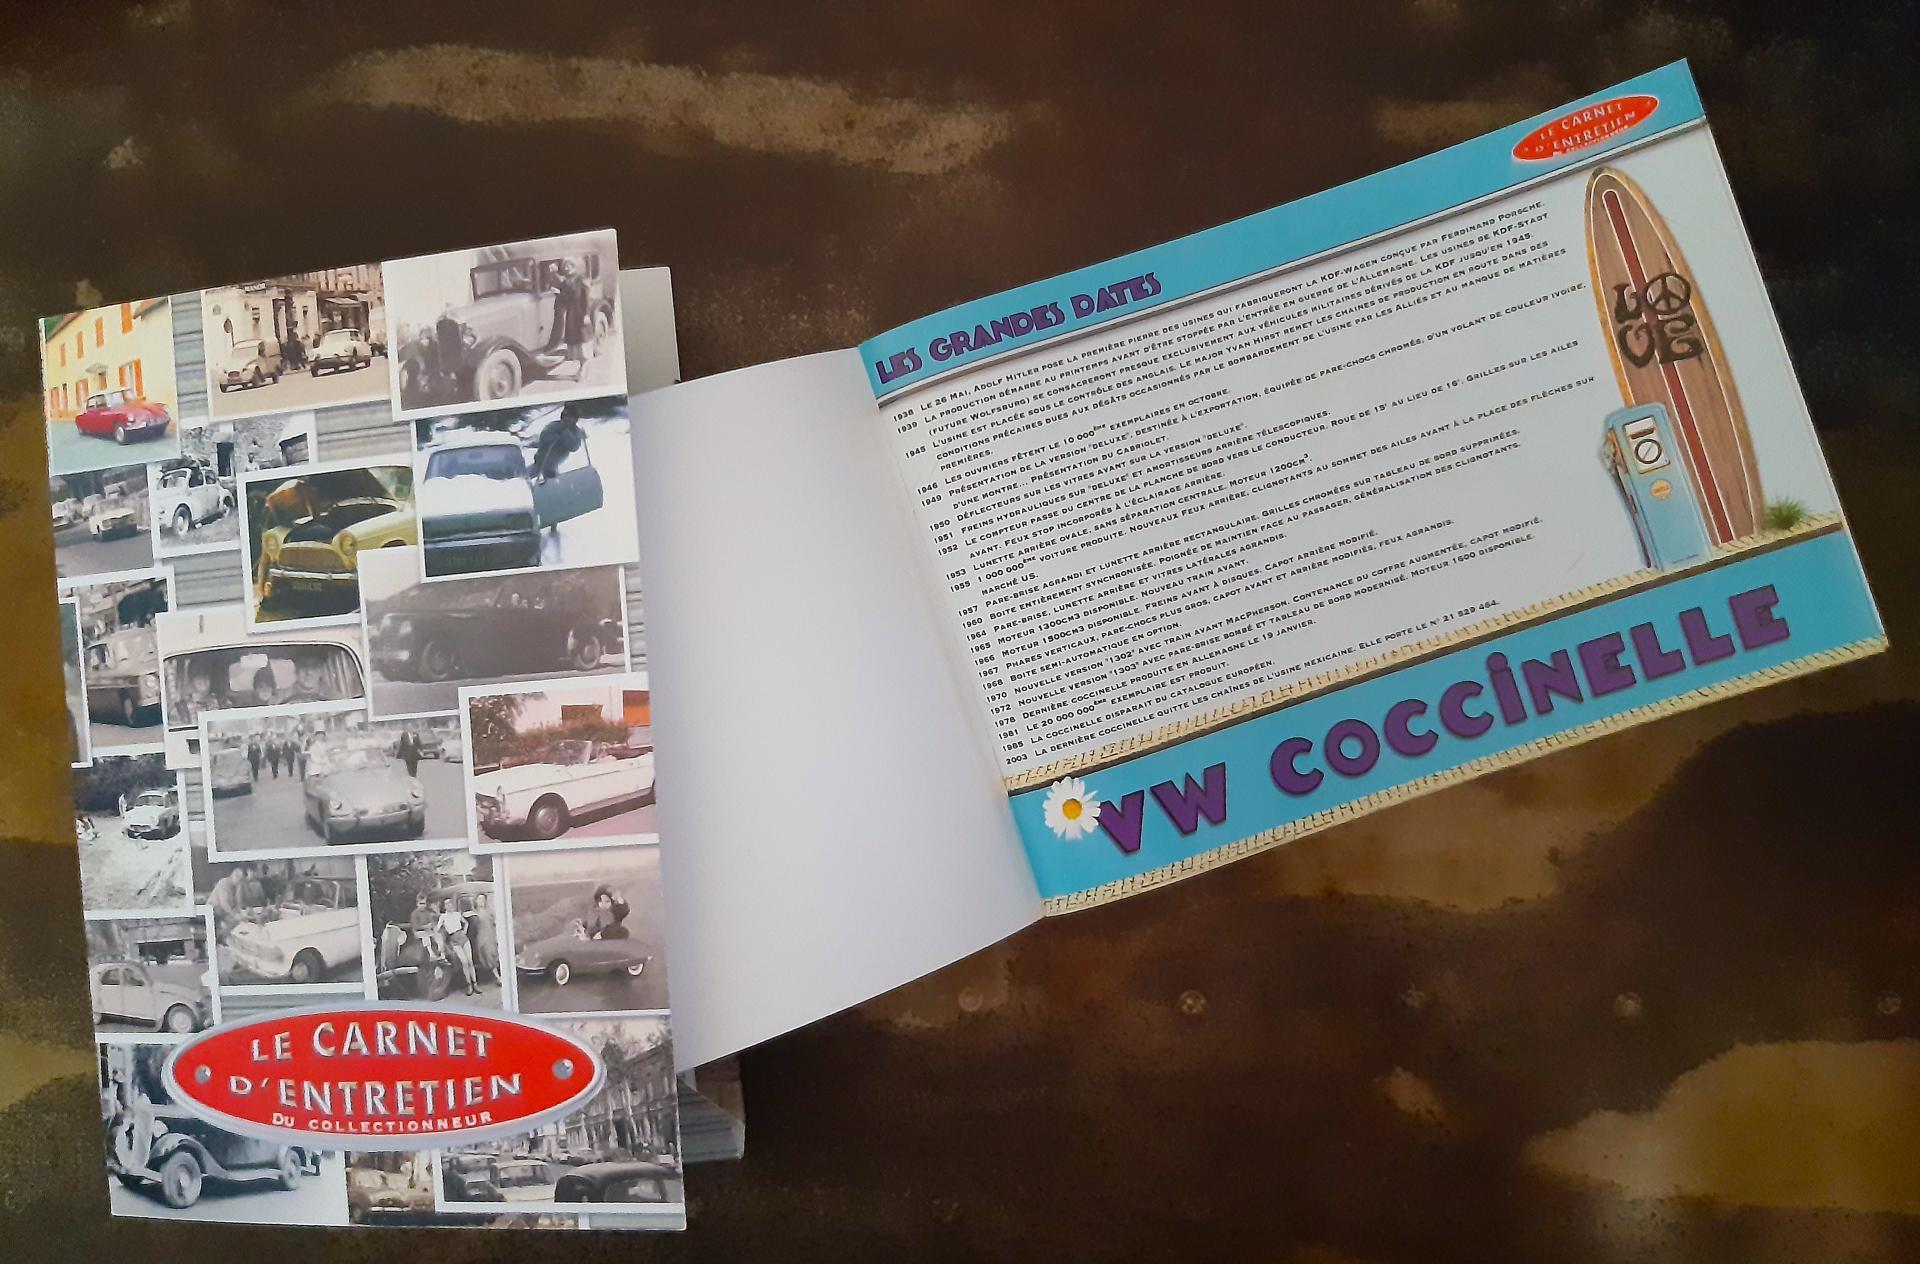 carnet d'entretien cox